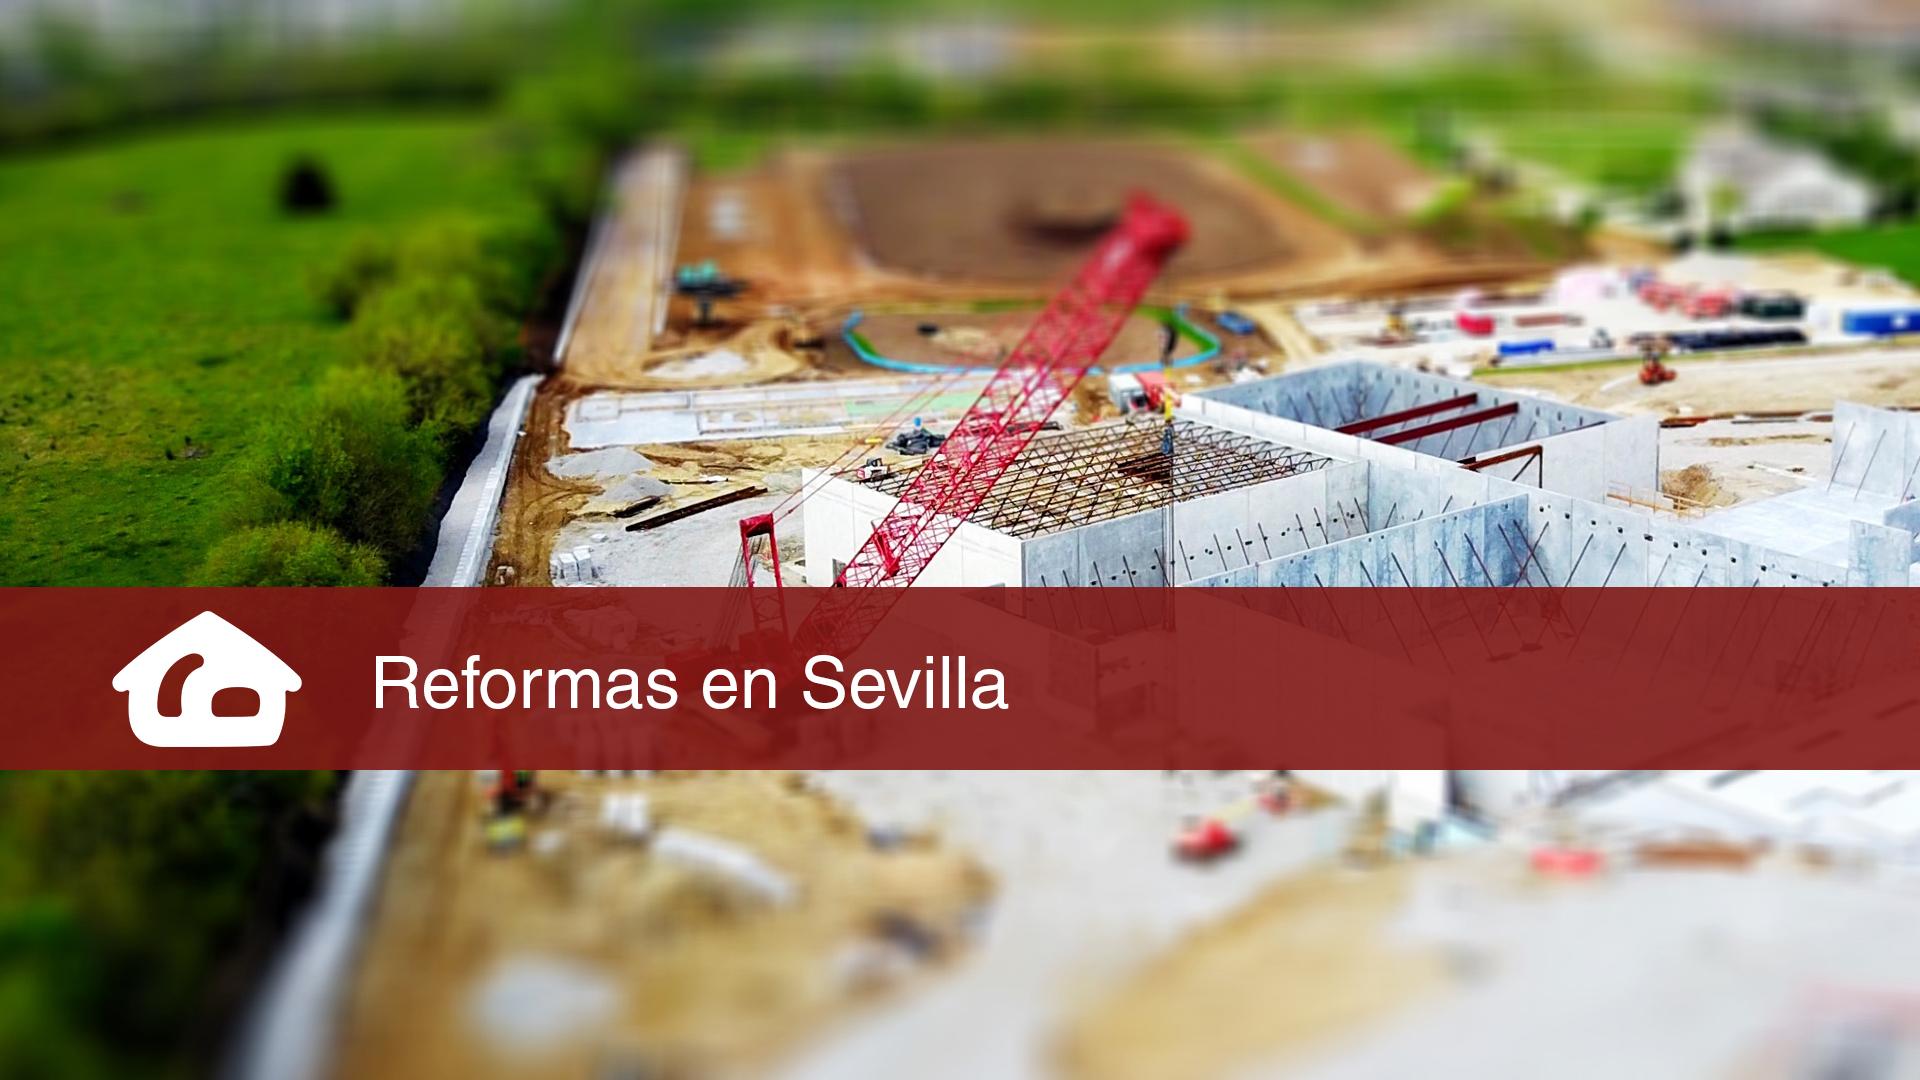 reformas en sevilla